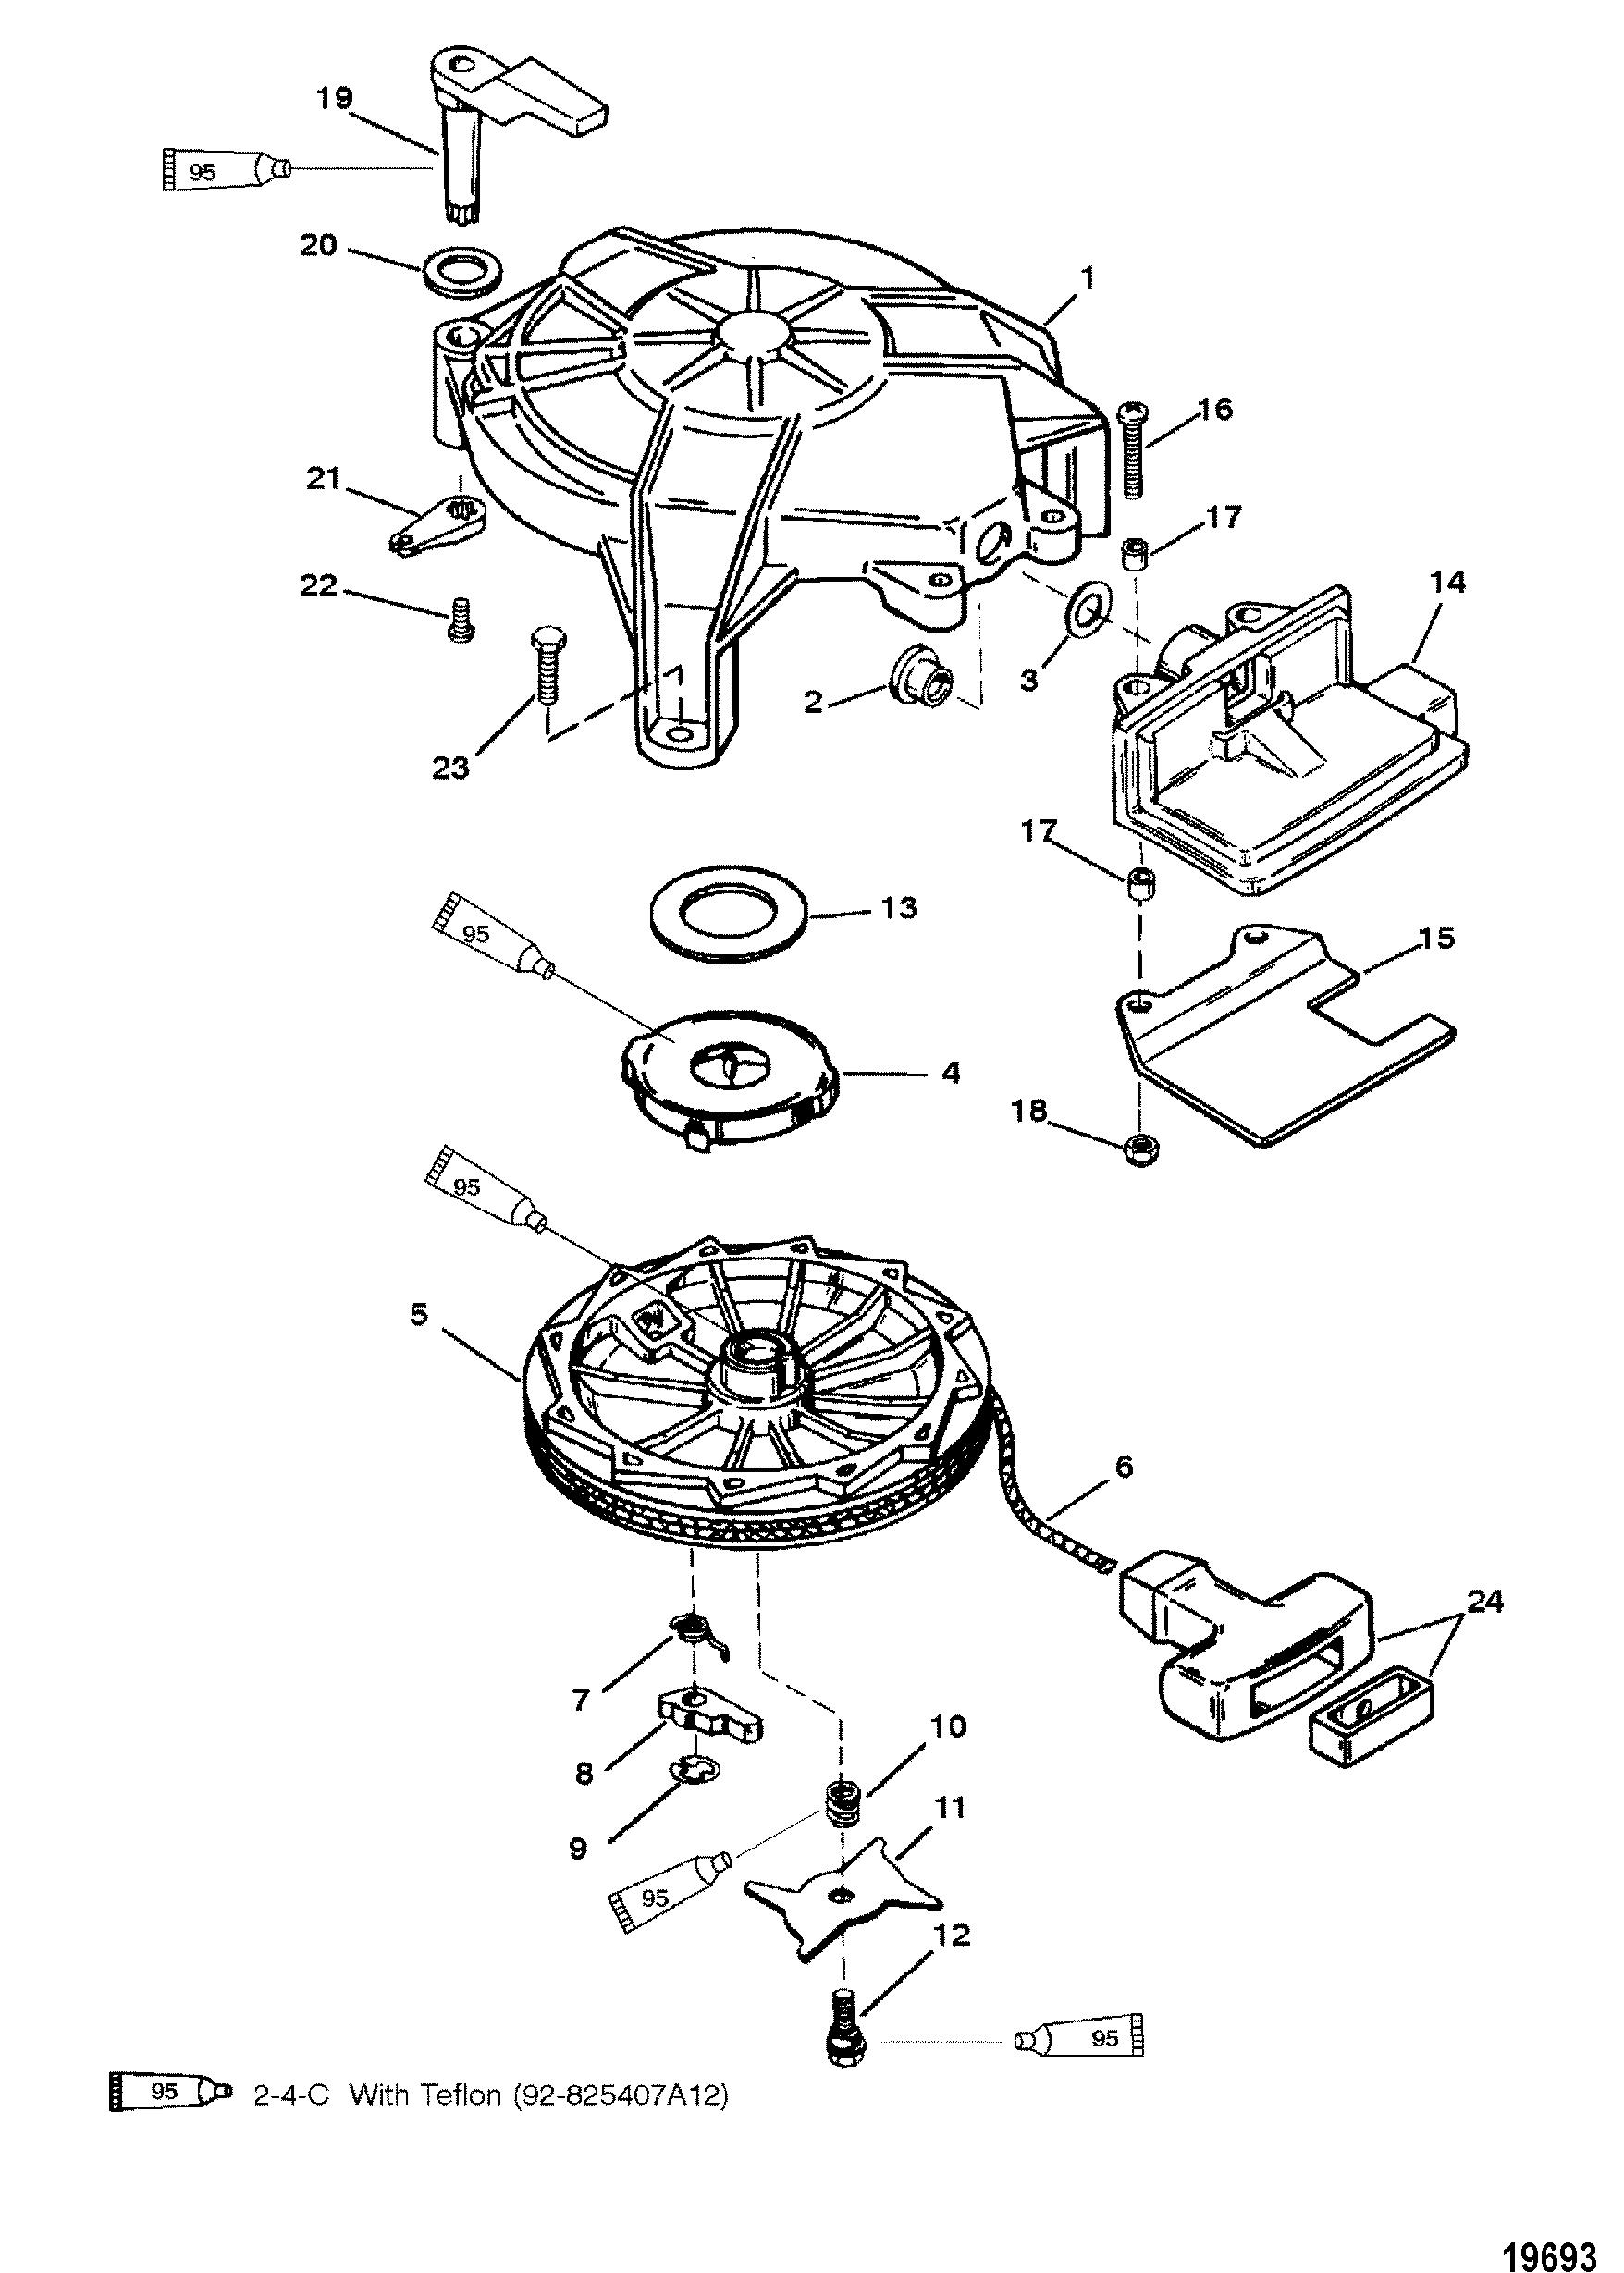 Manual Starter For Mariner Mercury 6 8 Sailmate 9 9